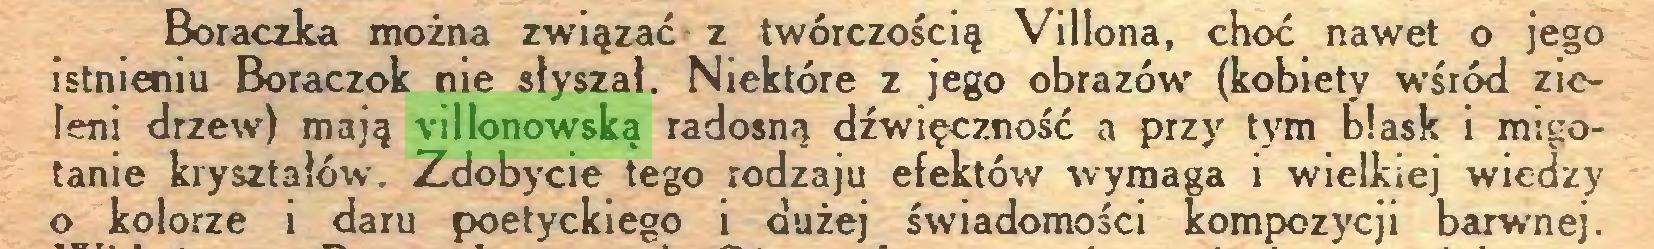 (...) Boraczka można związać z twórczością Villona, choć nawet o jego istnieniu Boraczok nie słyszał. Niektóre z jego obrazów (kobiety wśród zieleni drzew) mają villonowską radosną dźwięczność a przy tym blask i migotanie kryształów. Zdobycie tego rodzaju efektów wymaga i wielkiej wiedzy 0 kolorze i daru poetyckiego i dużej świadomości kompozycji barwnej...